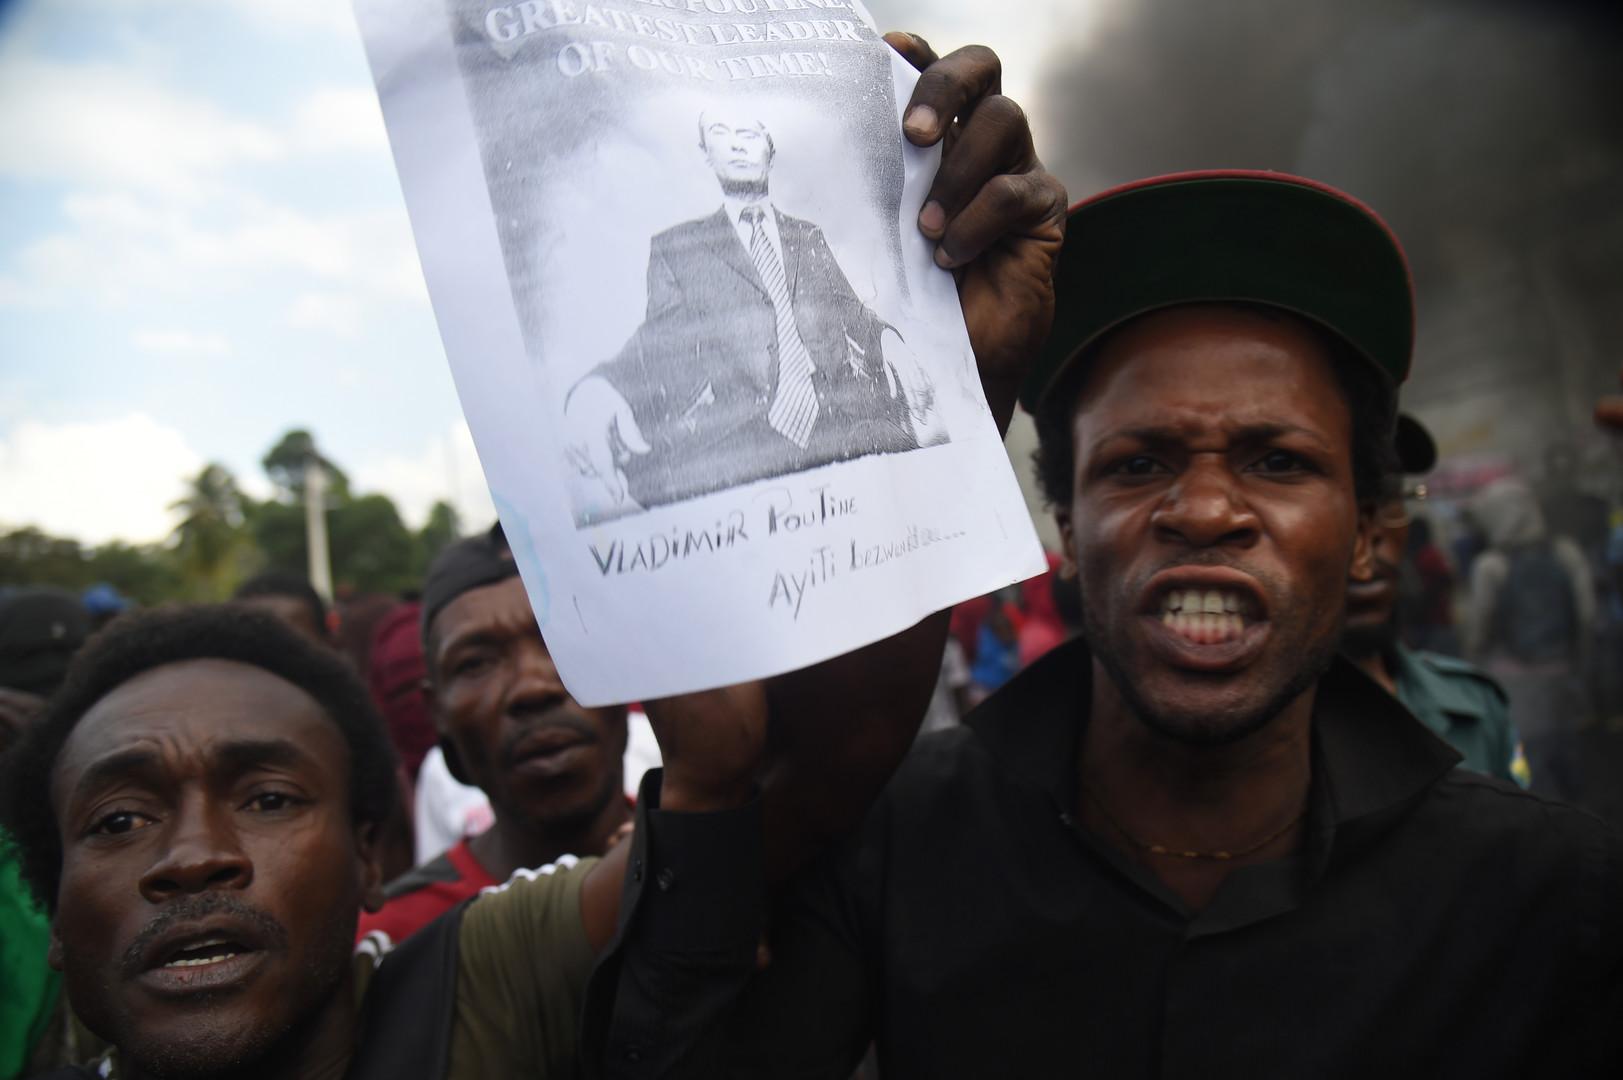 Haïti : des manifestations contre la corruption paralysent le pays depuis 10 jours